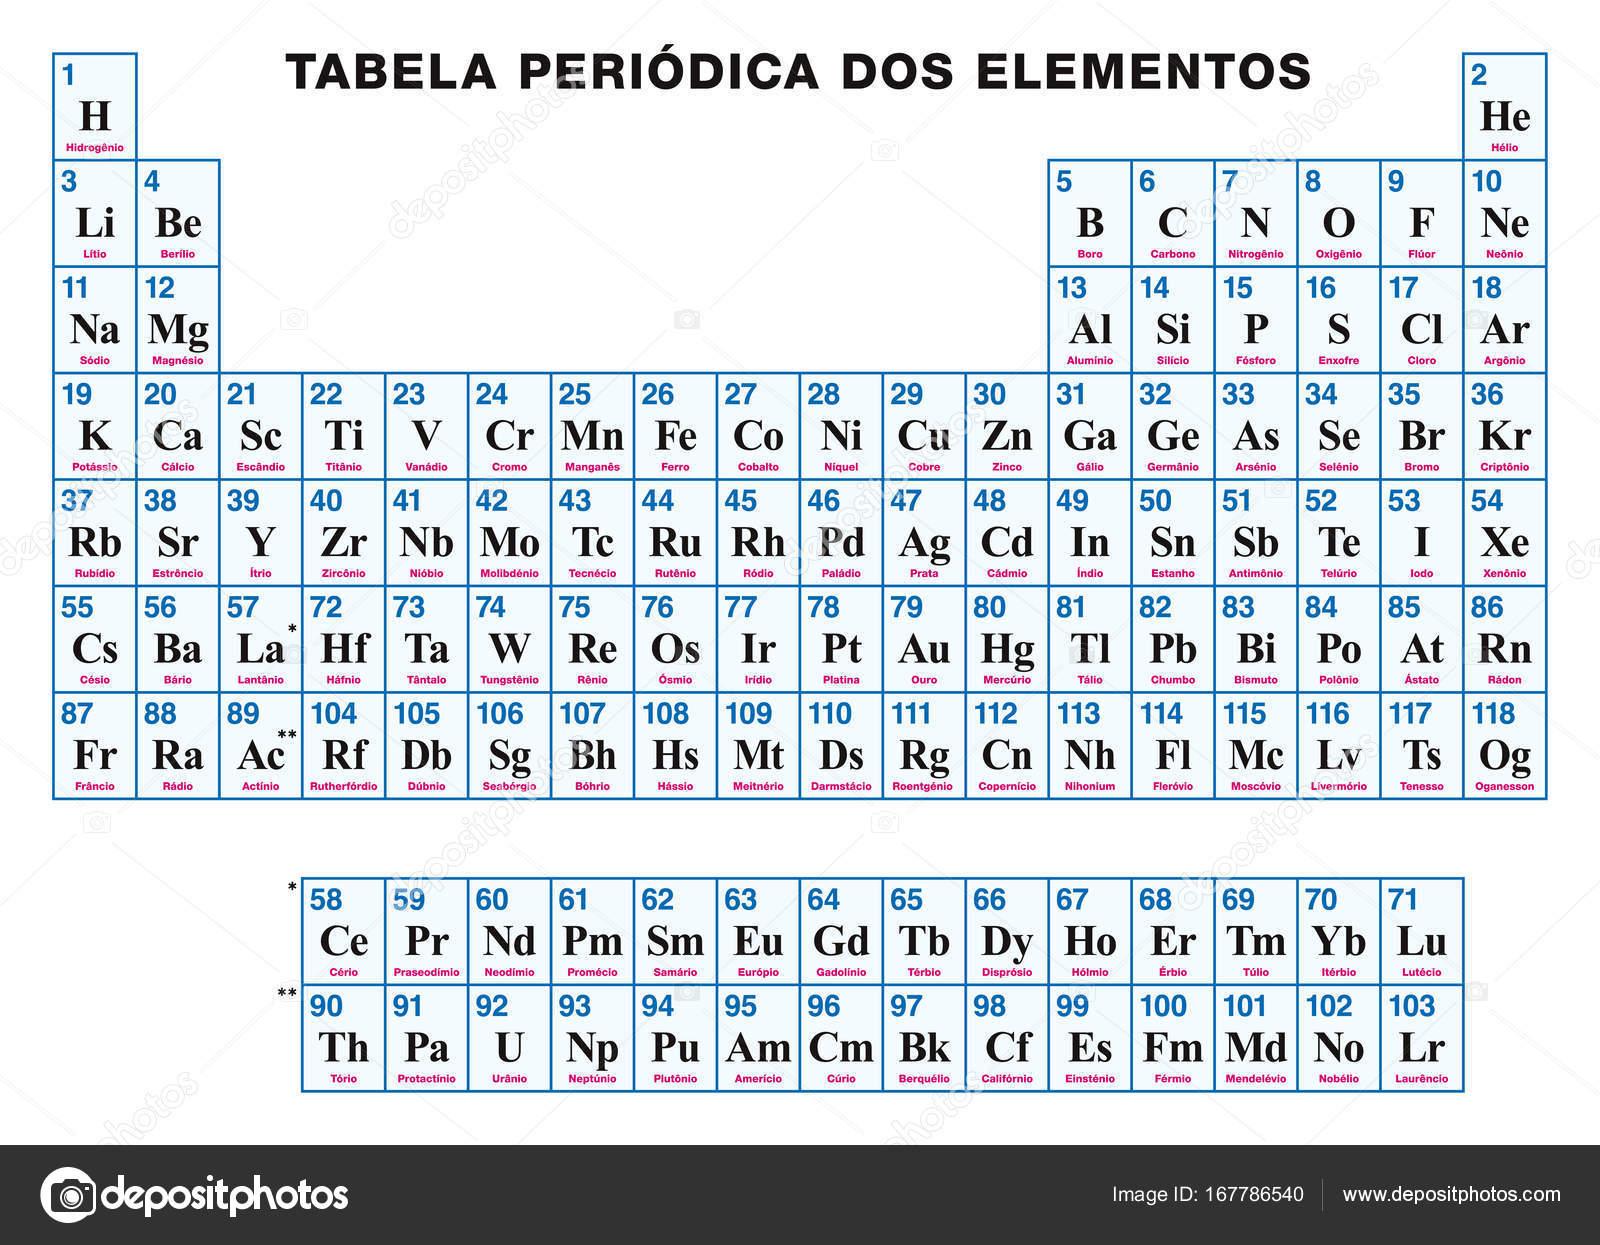 Tabla periodica de los elementos portugus vector de stock tabla peridica de los elementos portugus arreglo tabular de los elementos qumicos con nmeros atmicos nombres y smbolos 118 confirm elementos y urtaz Image collections